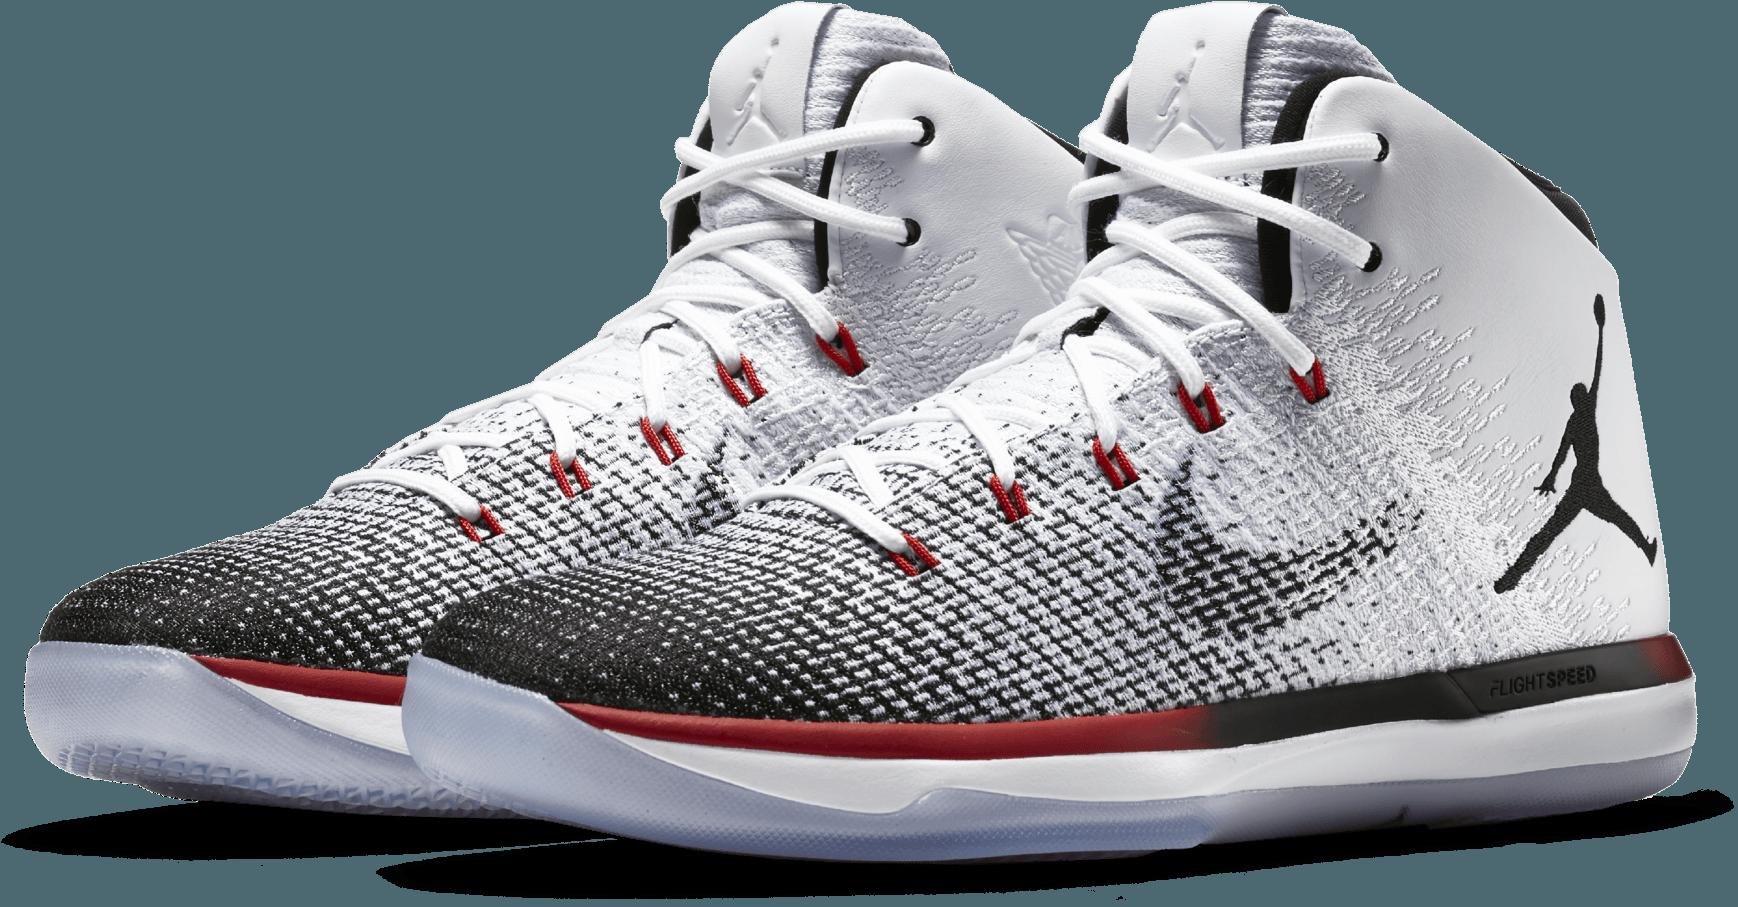 Air Jordan 31 Performance Review